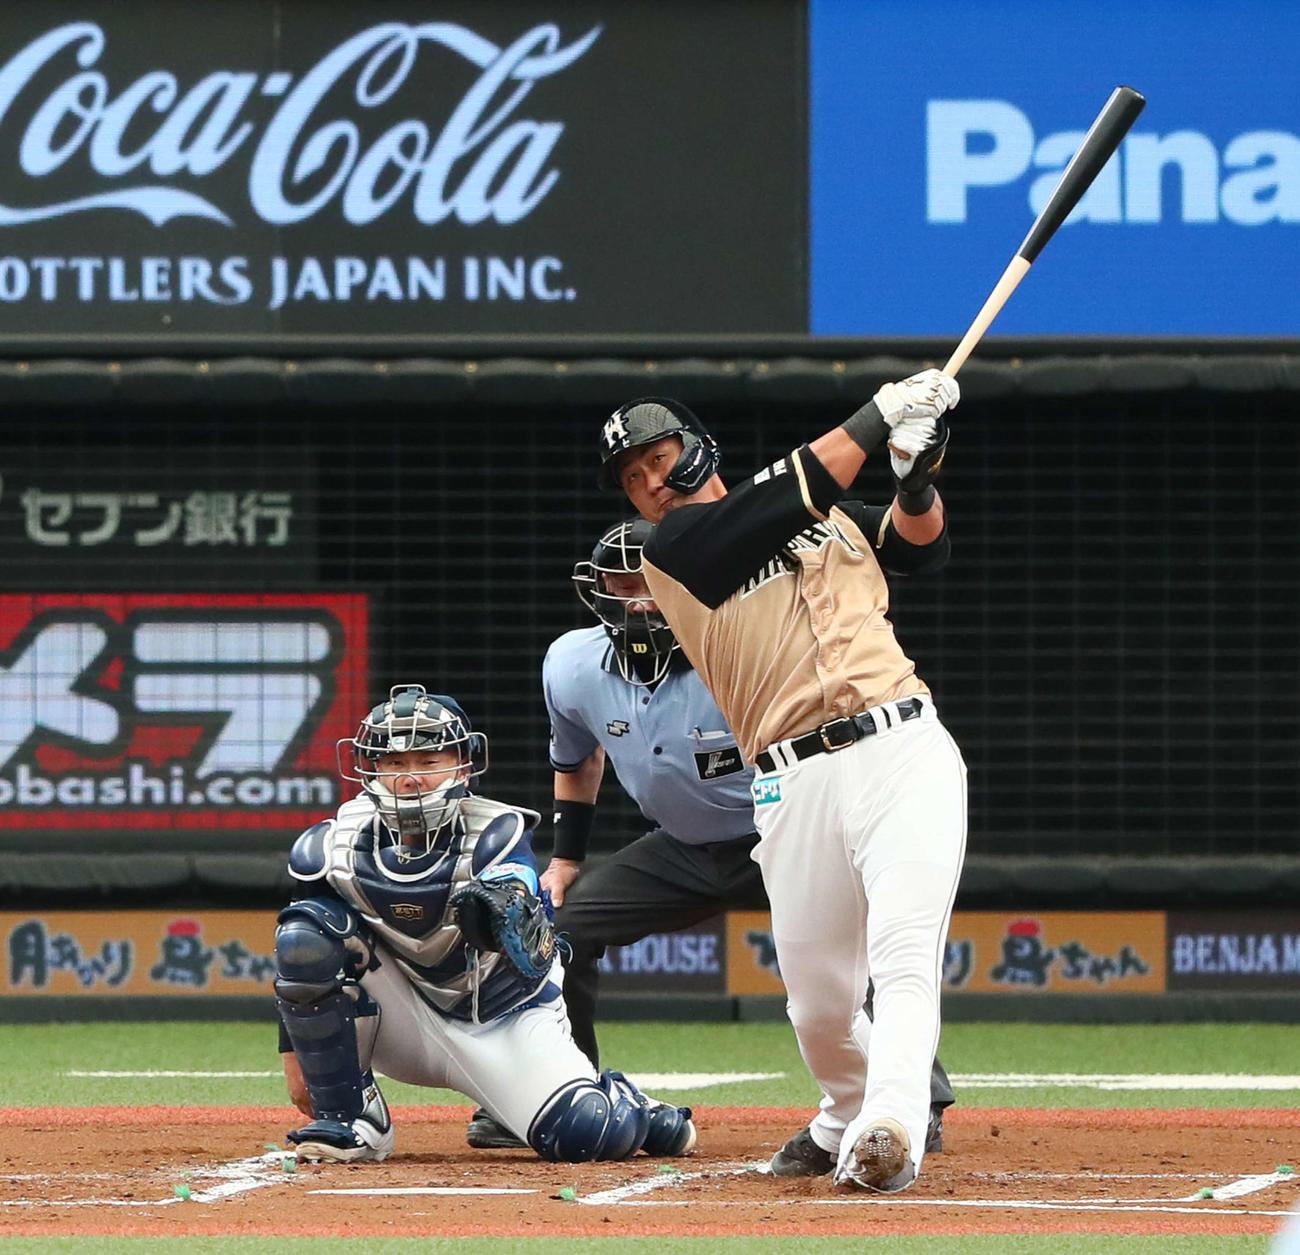 西武対日本ハム 2回表日本ハム無死、中田は右越え本塁打を放つ。投手与座(撮影・足立雅史)